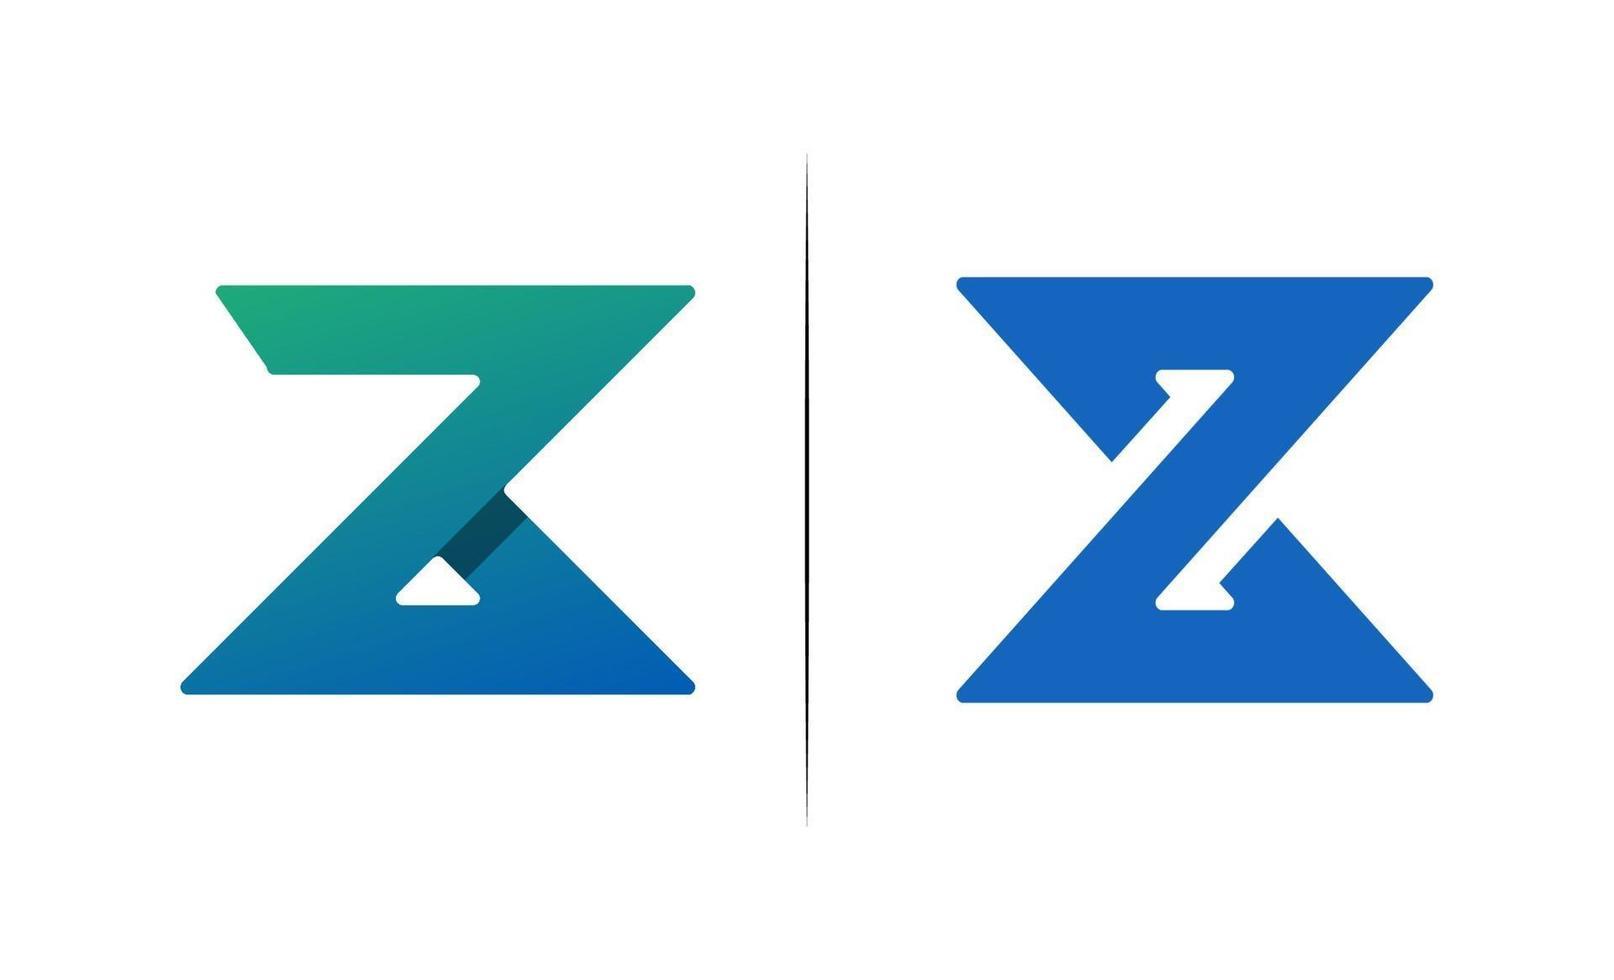 iniziale z creative design logo vettoriale